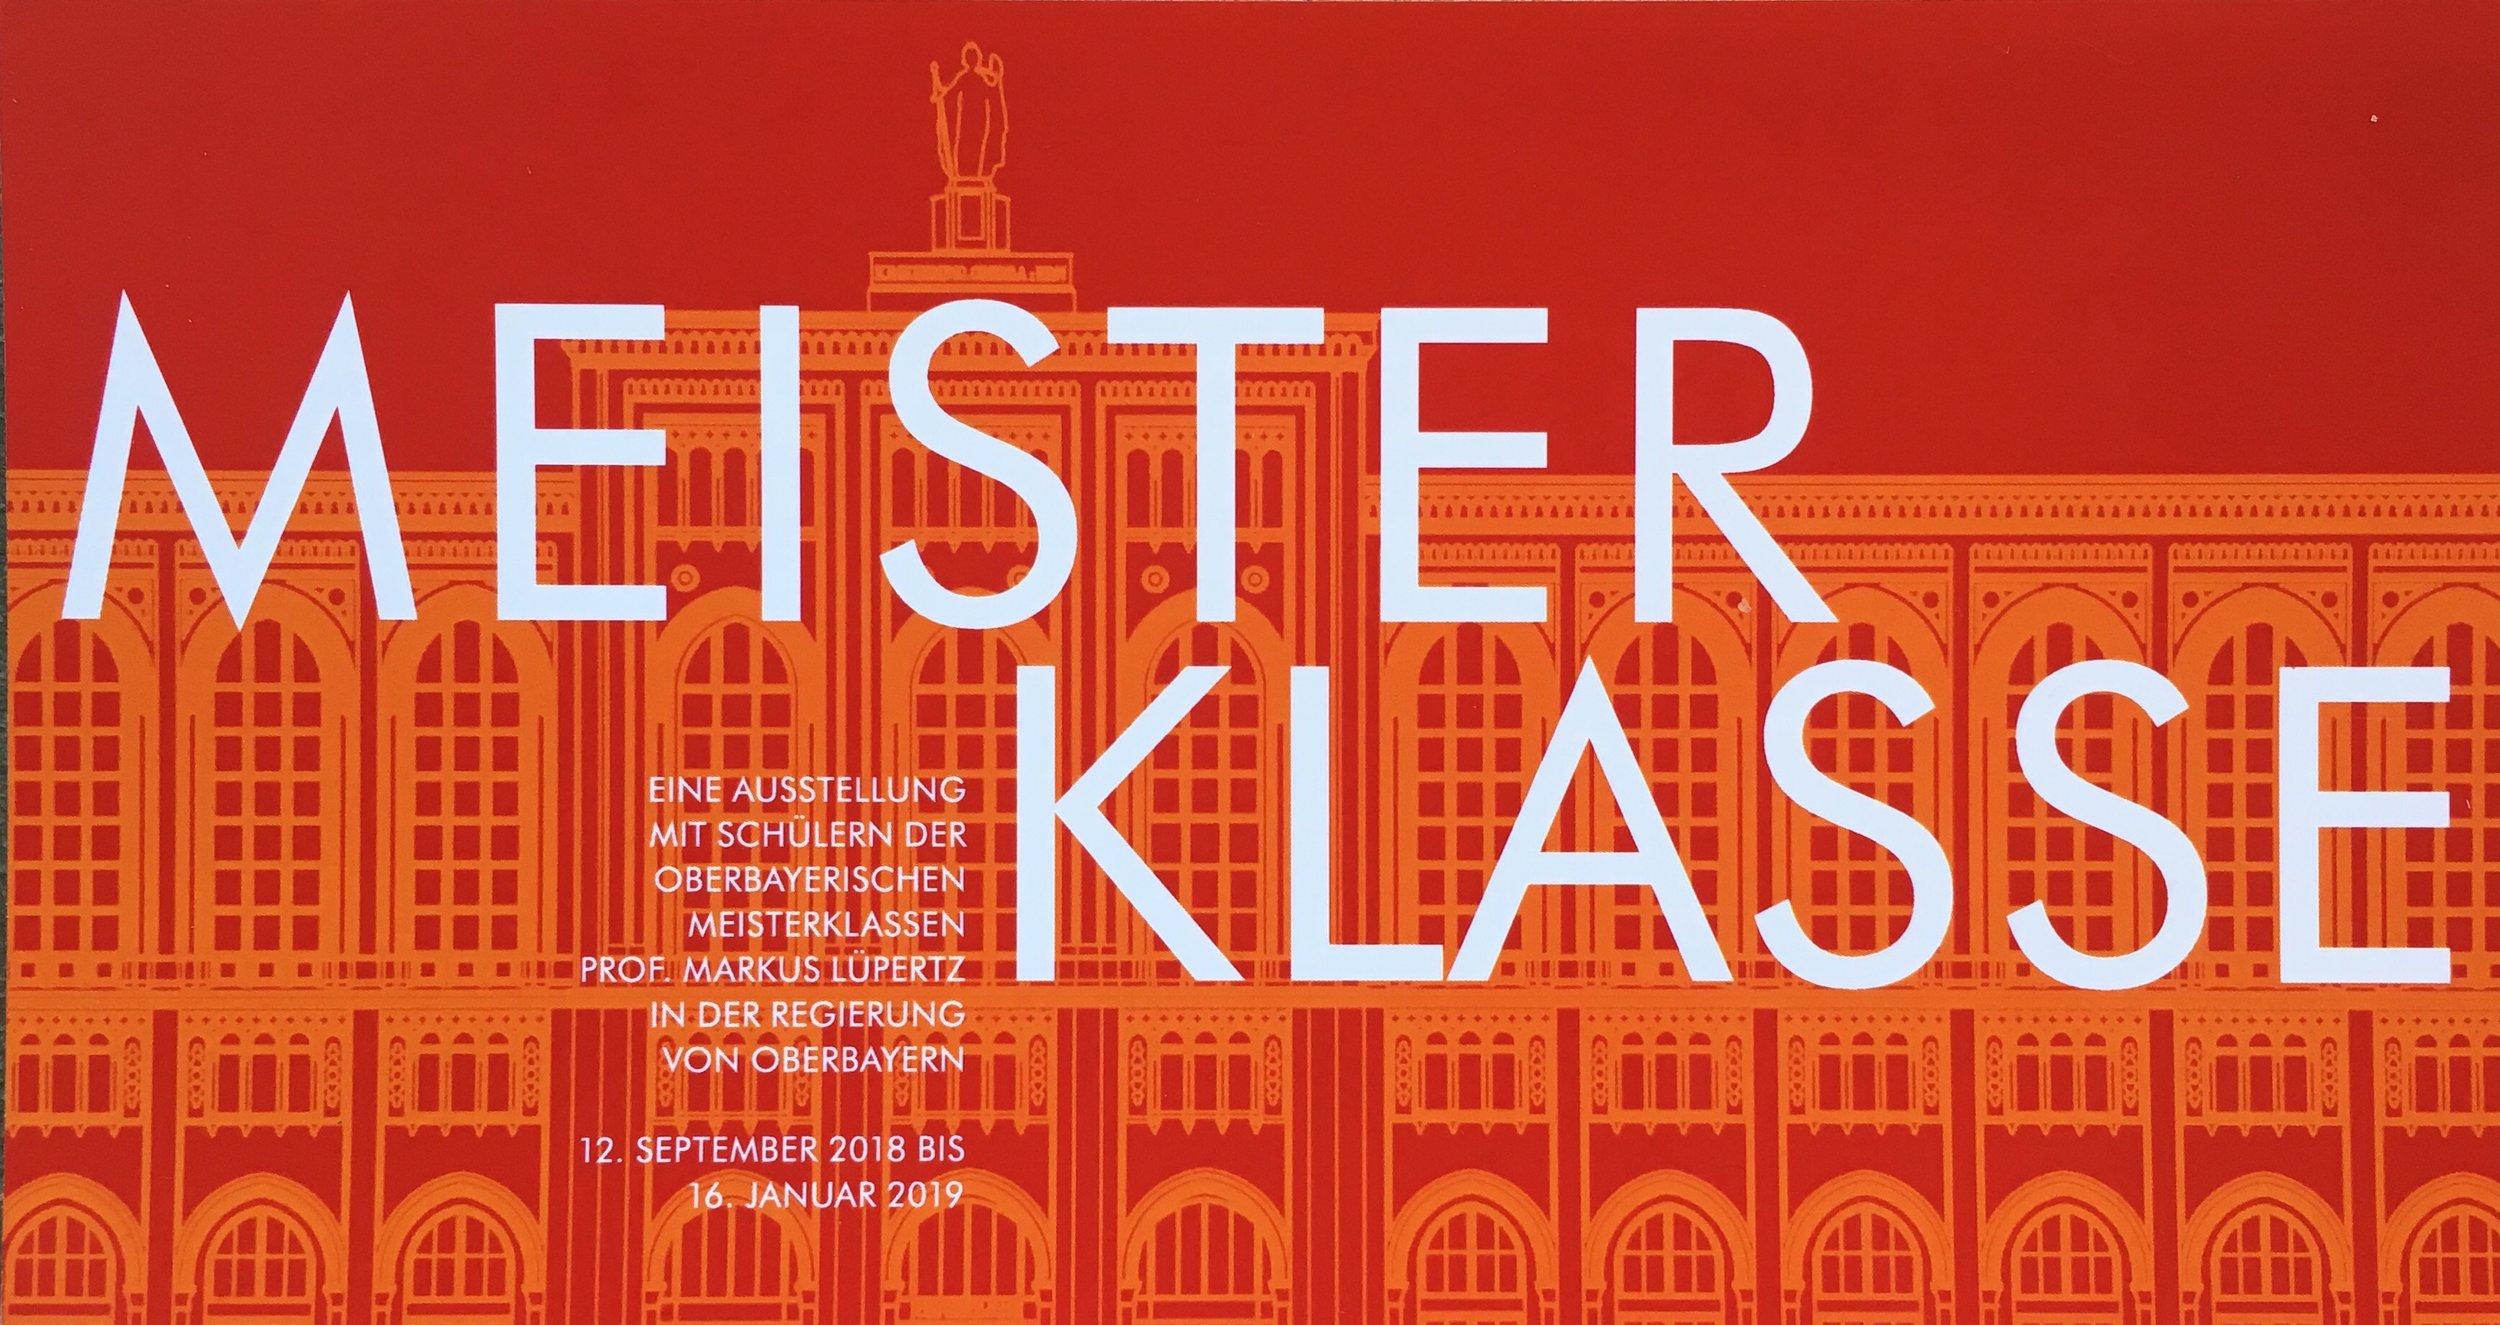 - Ausstellung in der Regierung von Oberbayern mit den Meisterklassen von Prof. Markus Lüpertz 12. September 2018 bis 16. Januar 2019